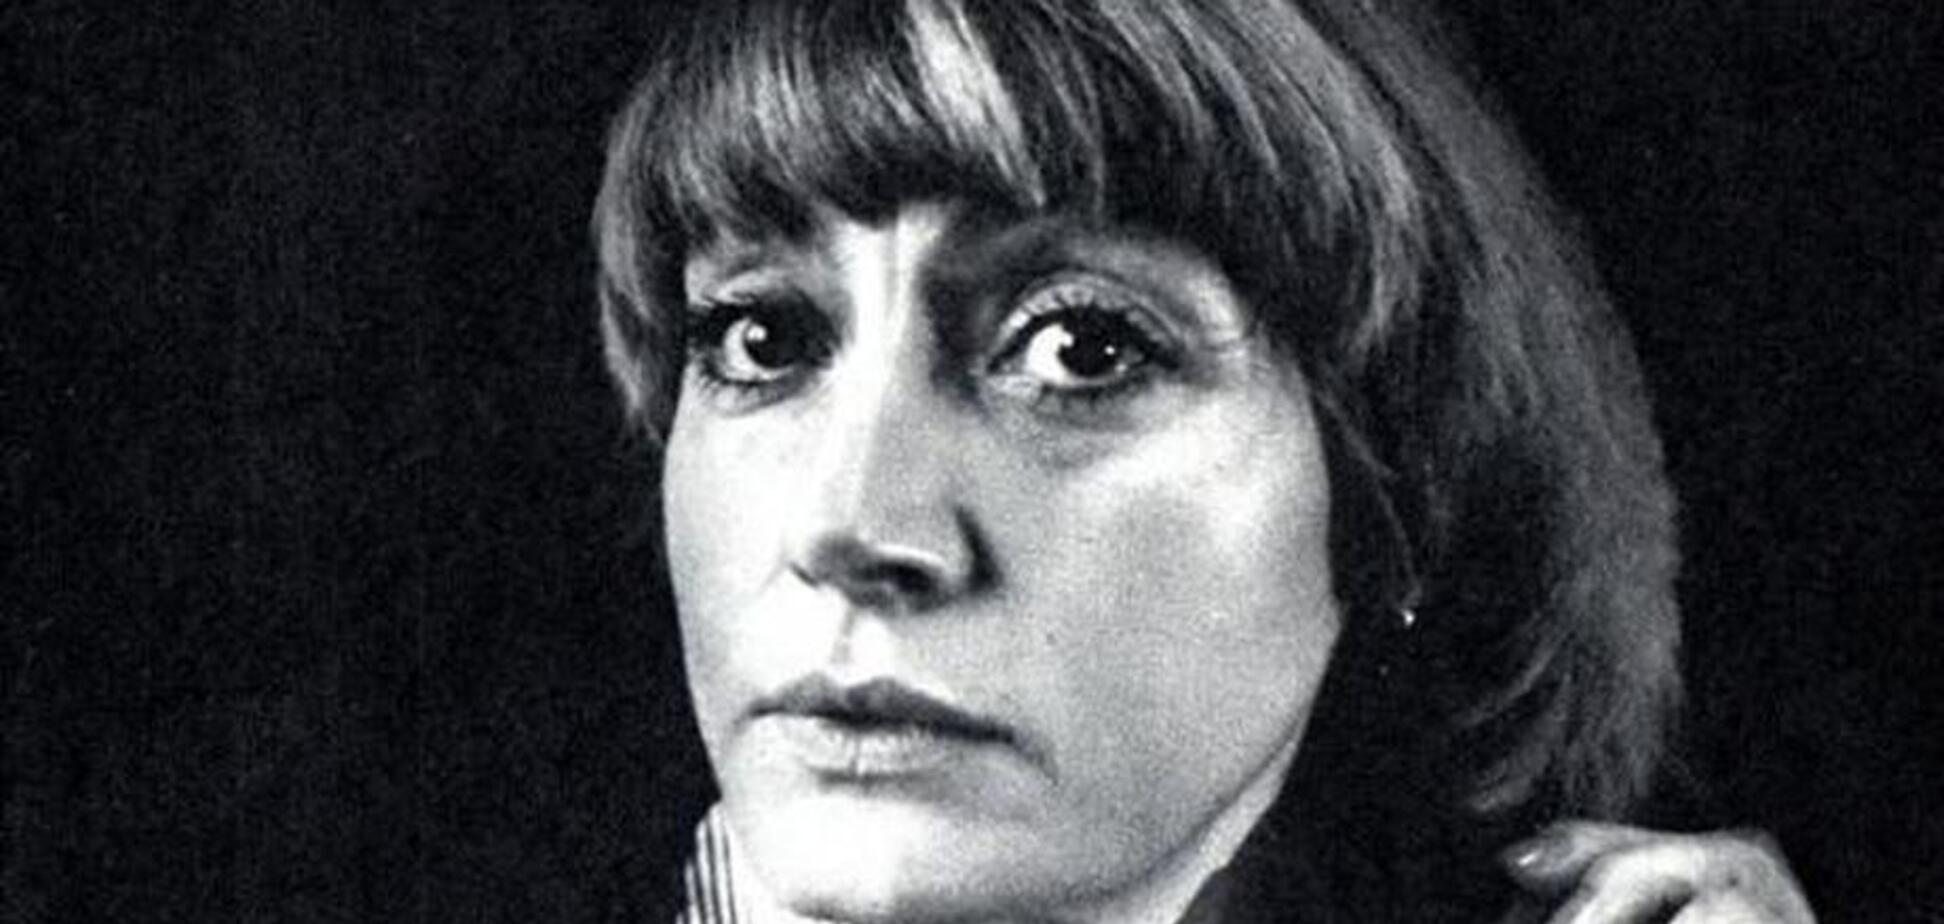 Народилася в Україні: померла відома радянська актриса